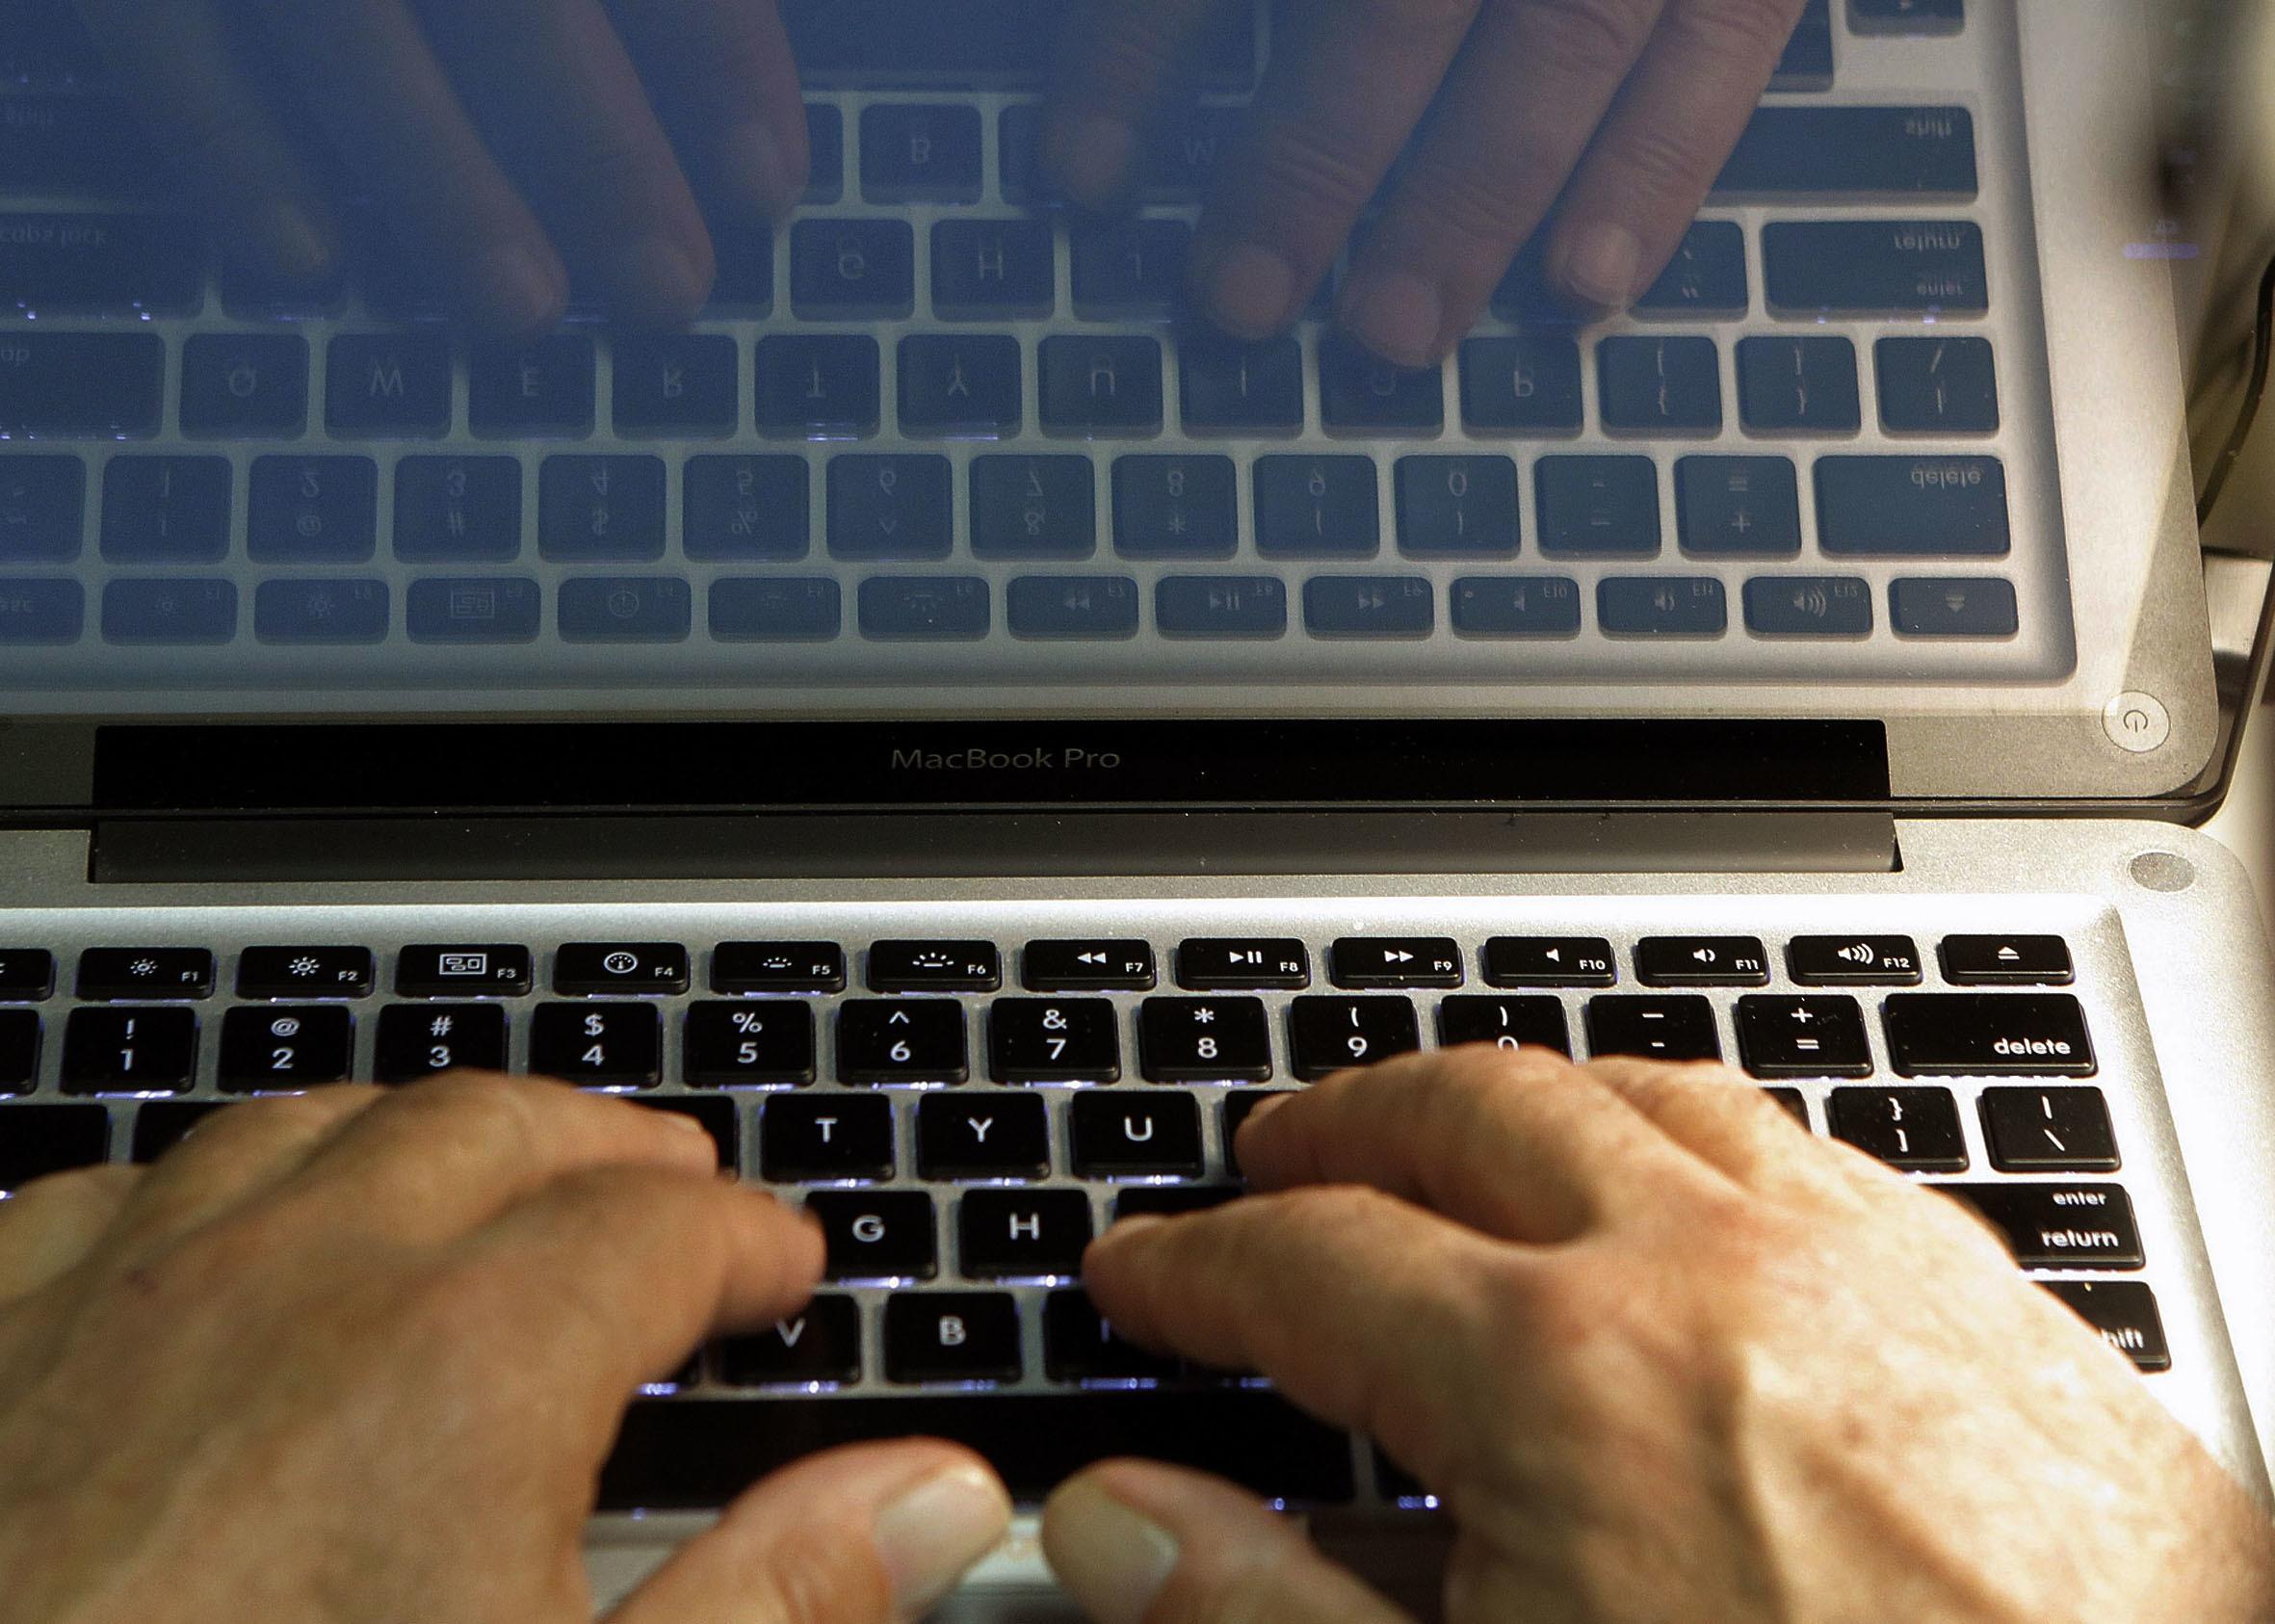 google,社群媒體,茉莉花革命,阿拉伯之春,福山,川普,心理學,臉書,新聞,澳洲,蘋果,新聞媒體,社群,網路平台,監管